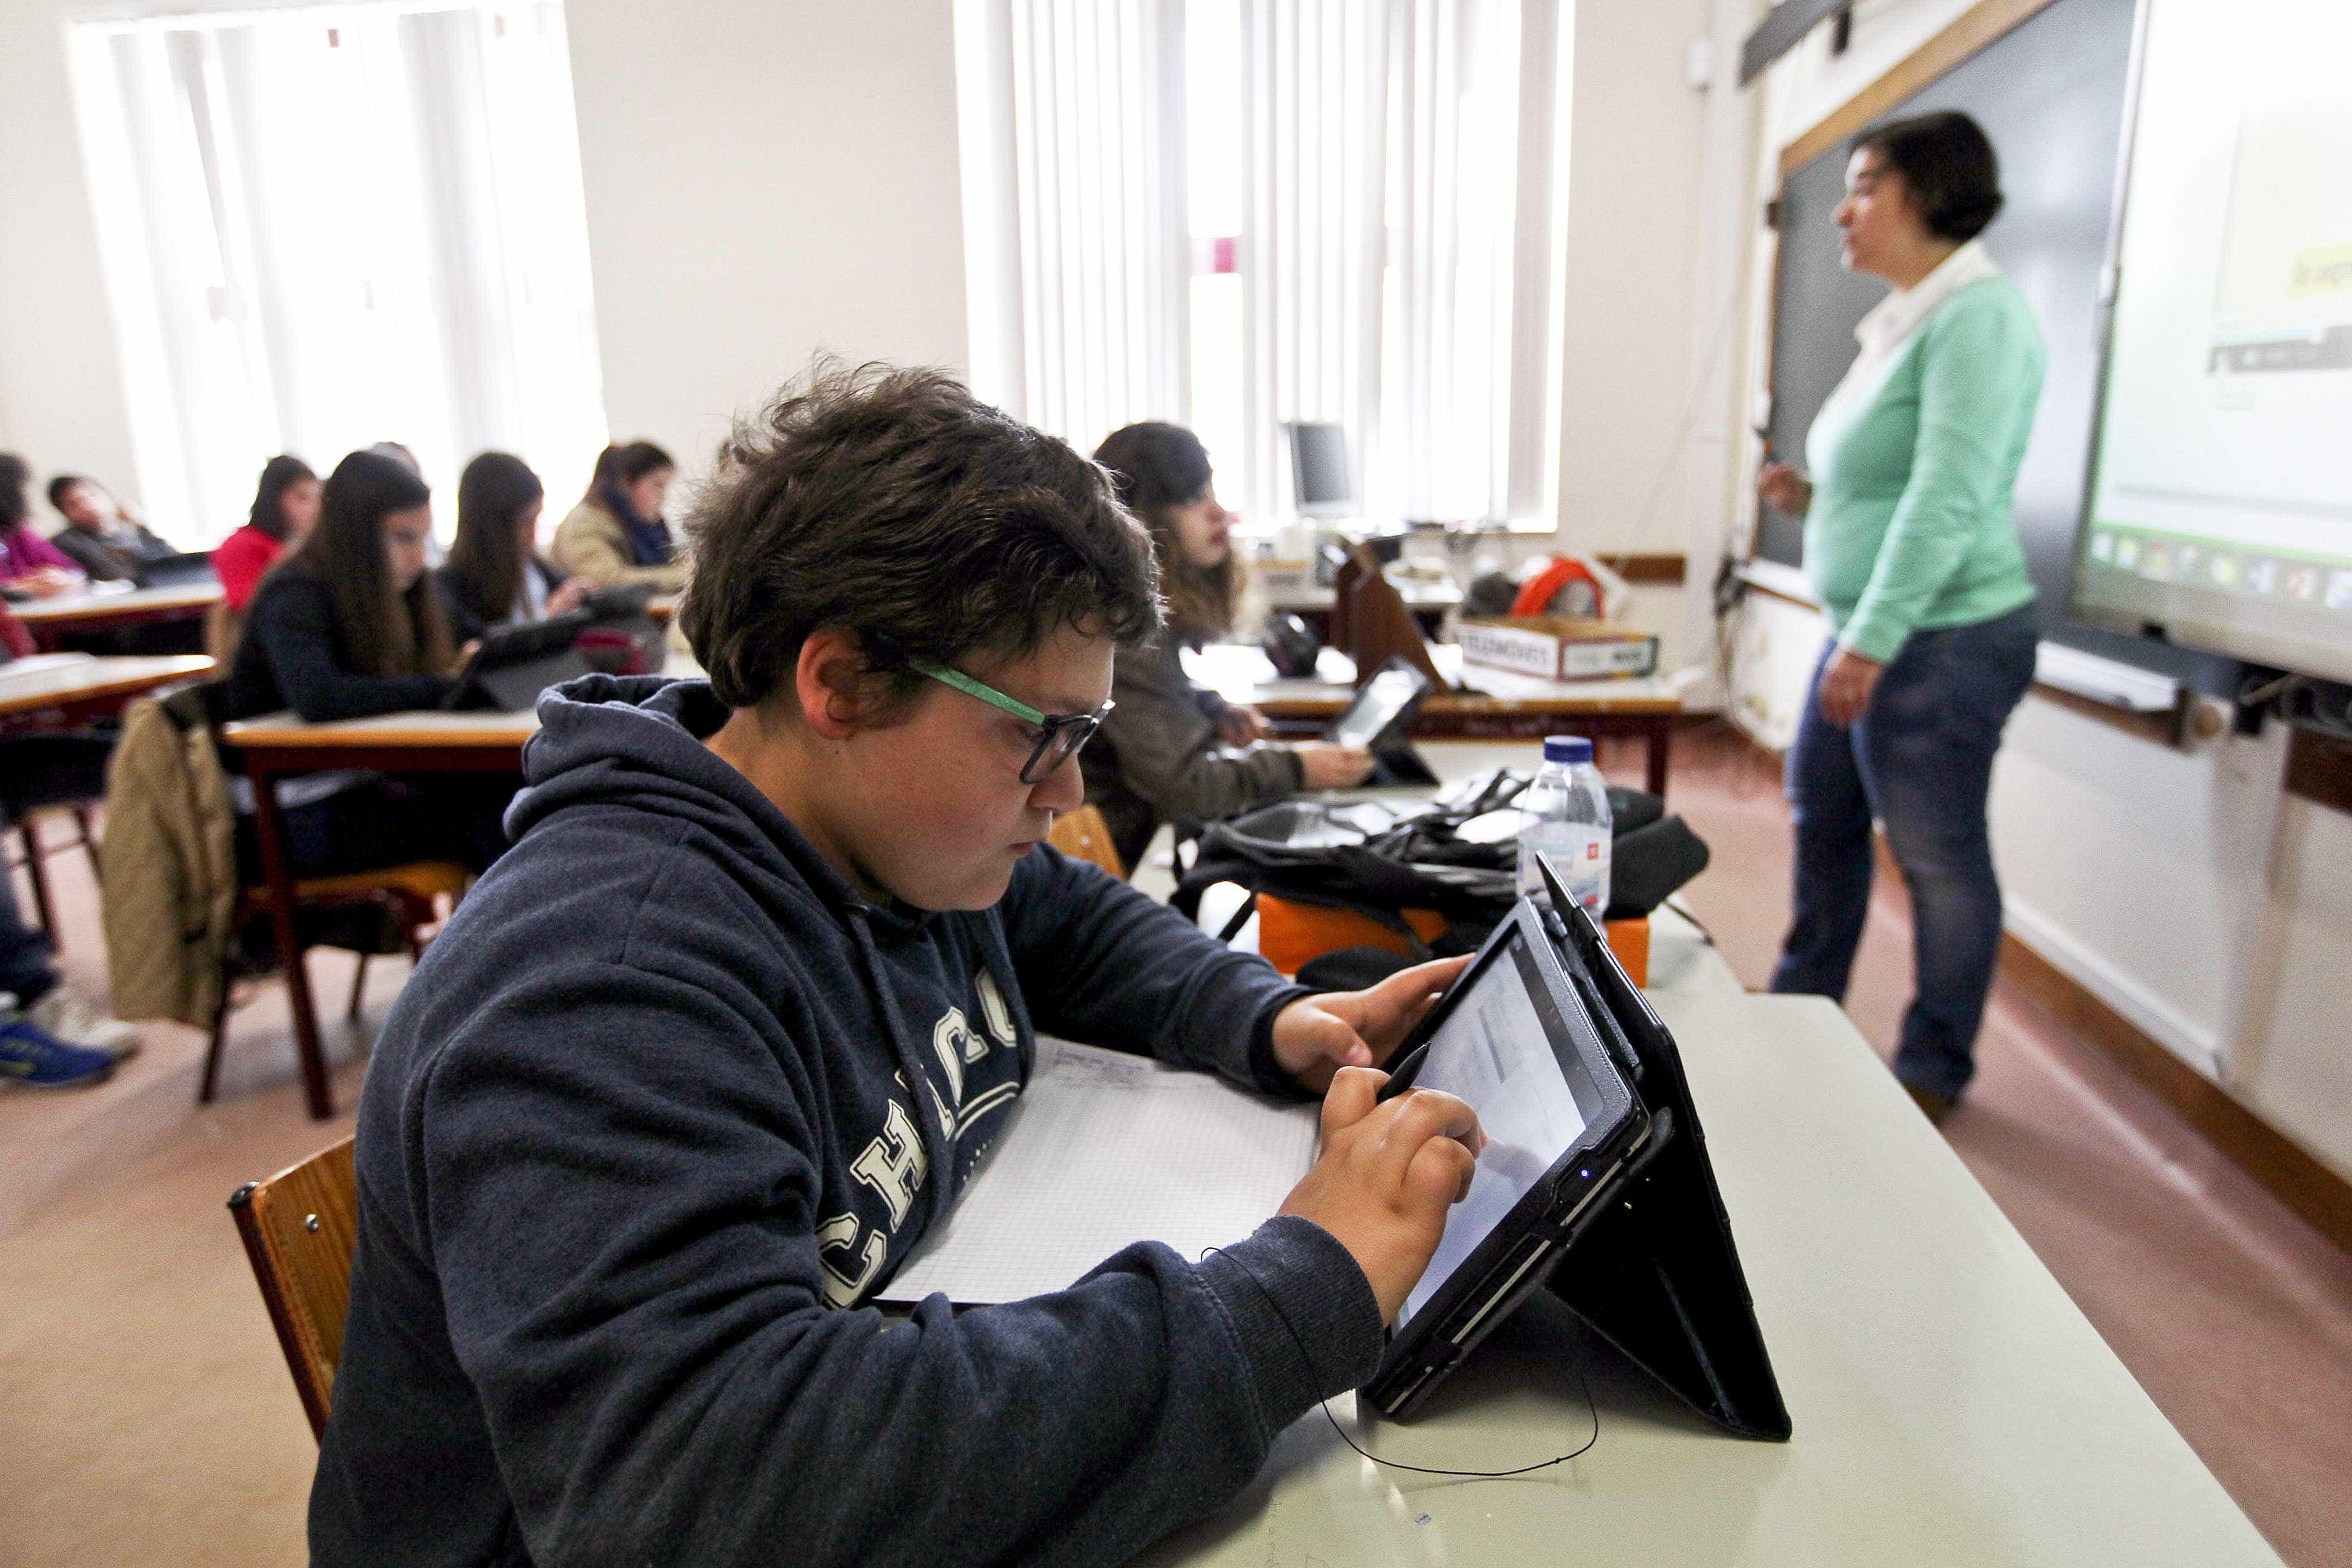 Novo perfil do aluno não se adequa a lógica assente em disciplinas